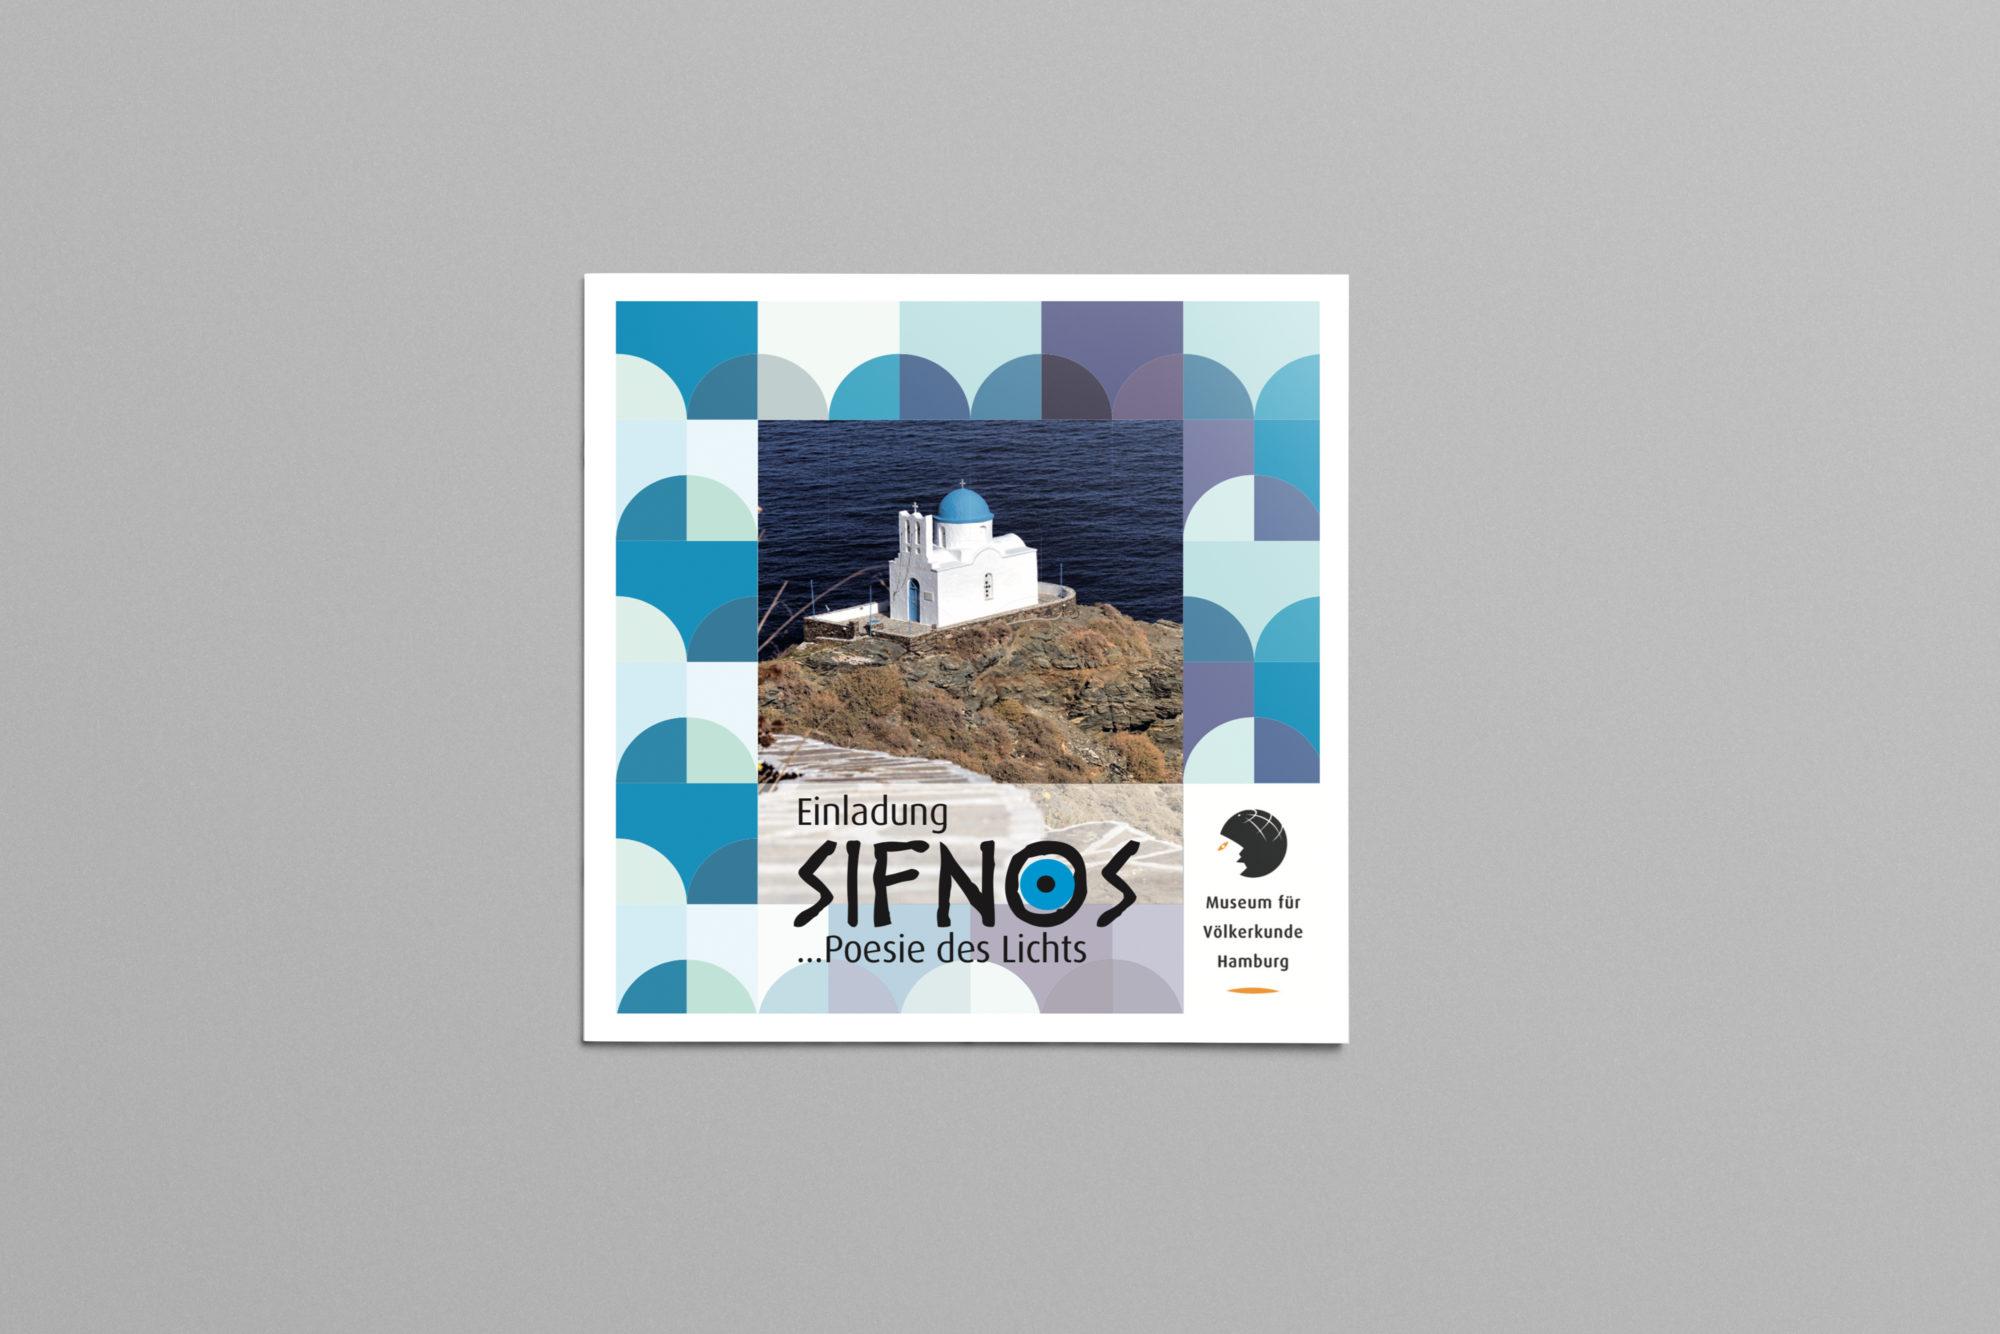 Einladung_Sifnos_Cover Vivian Grae